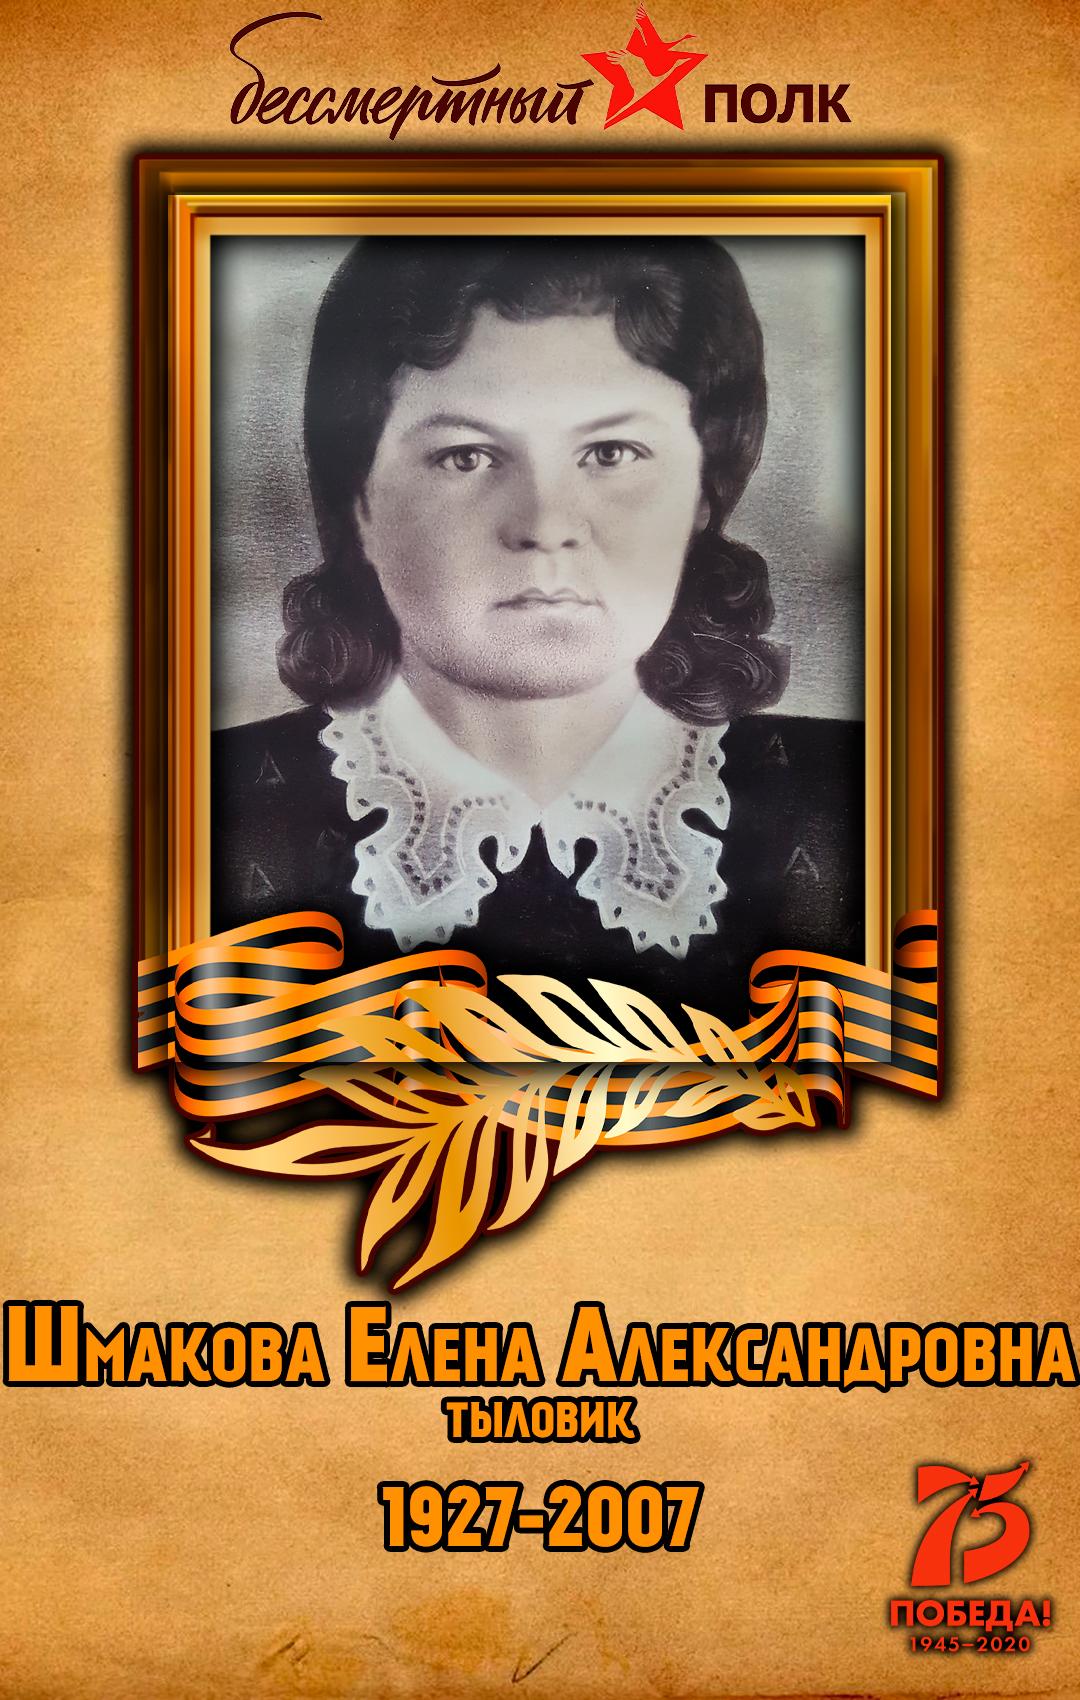 Шмакова-Елена-Александровна